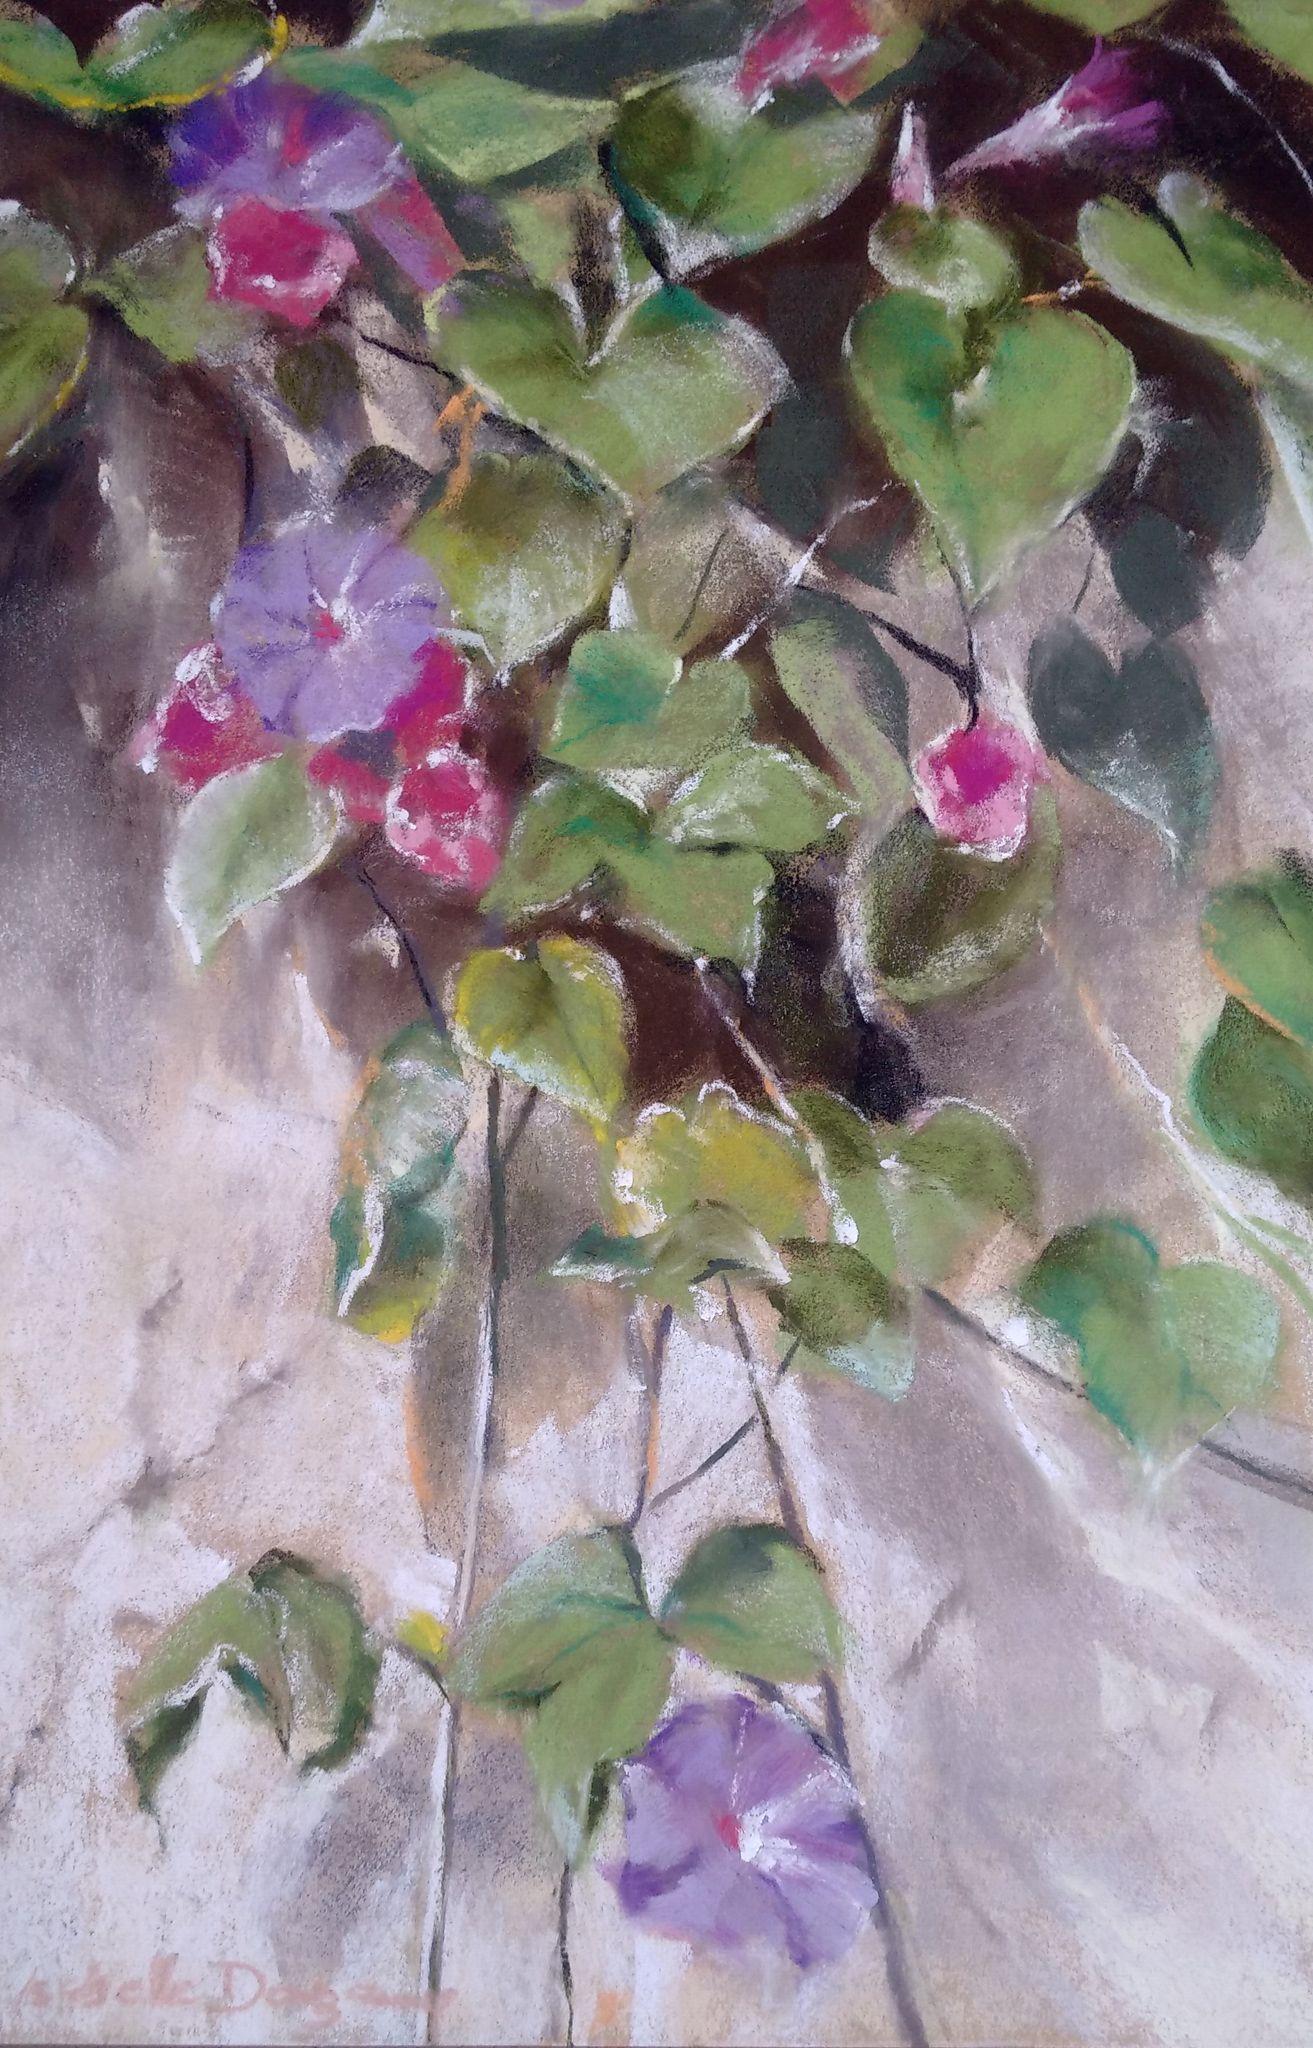 Ambiance Florale - Peinture au pastel sec par l'artiste peintre Isabelle Douzamy - 49,5x34,5 cm (encadré)